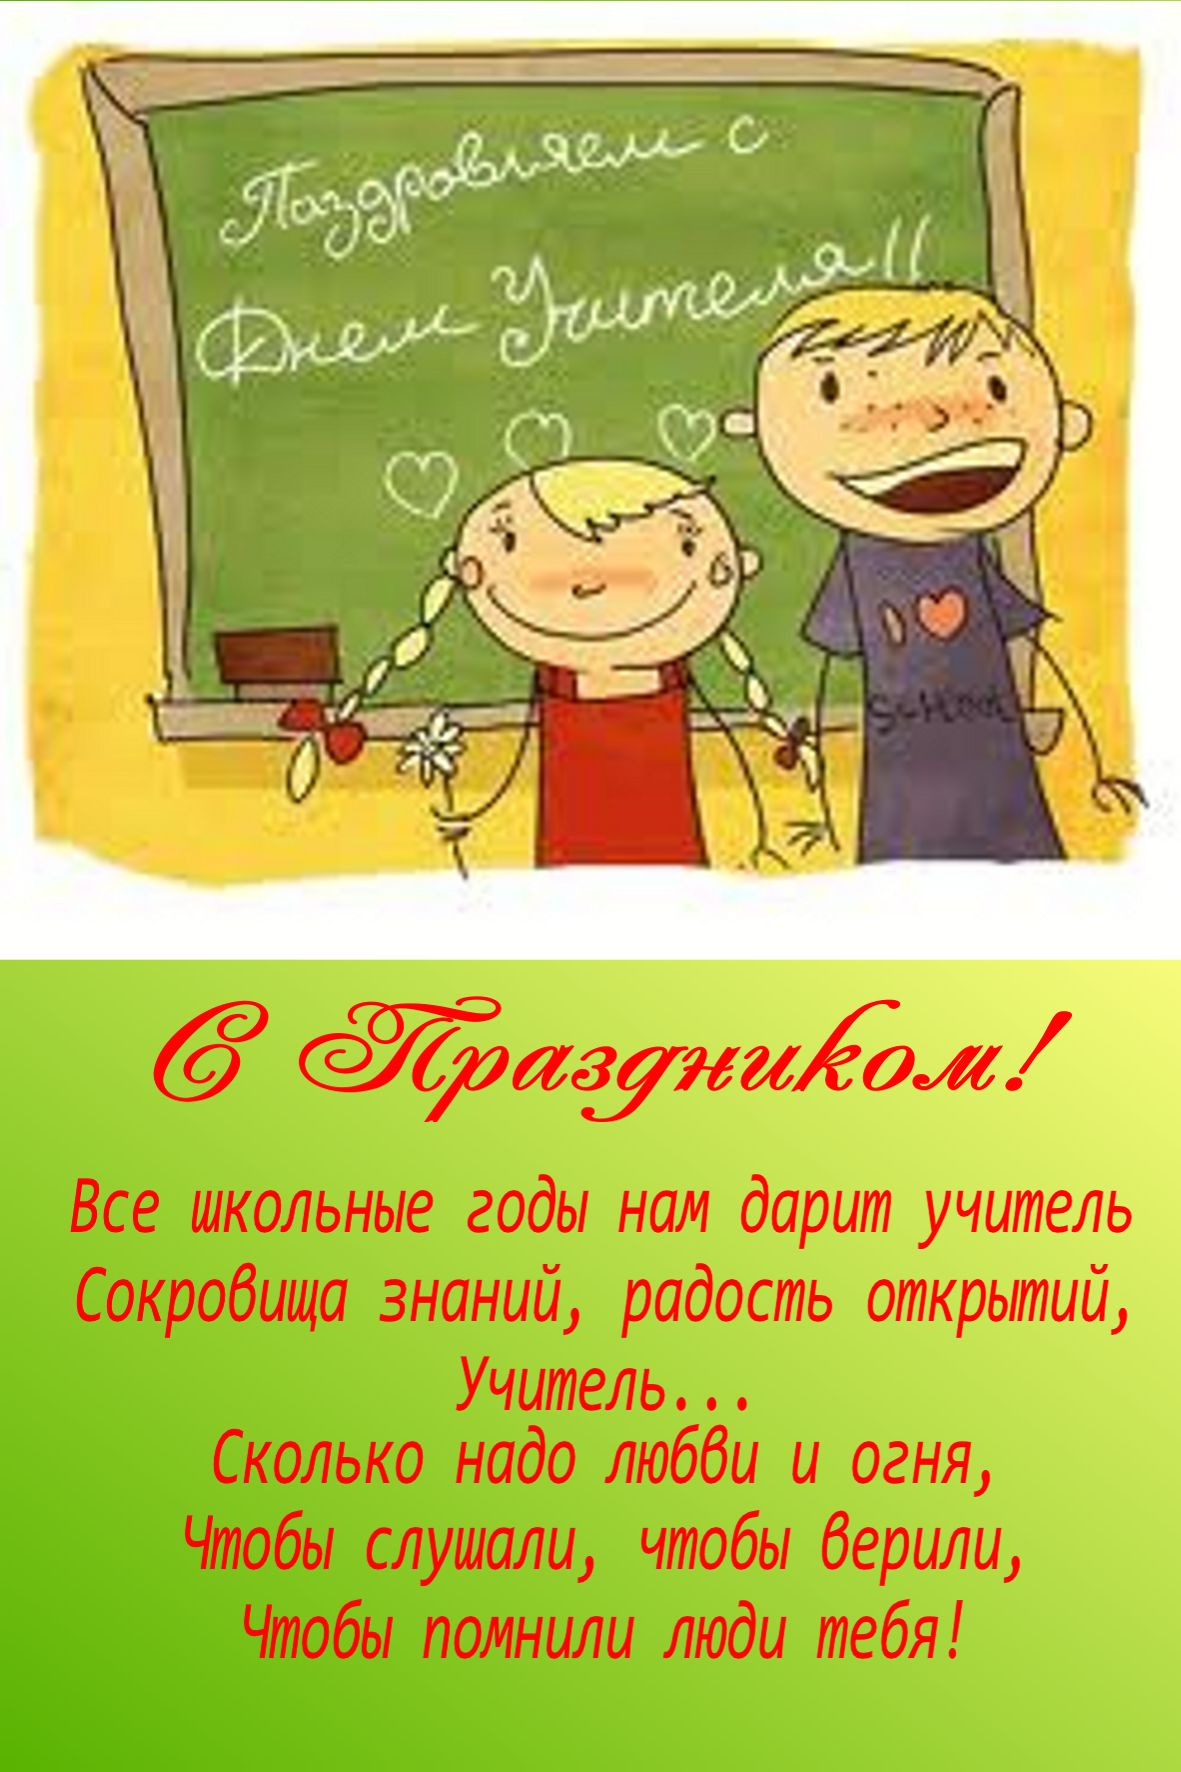 Веселые поздравления в день учителя